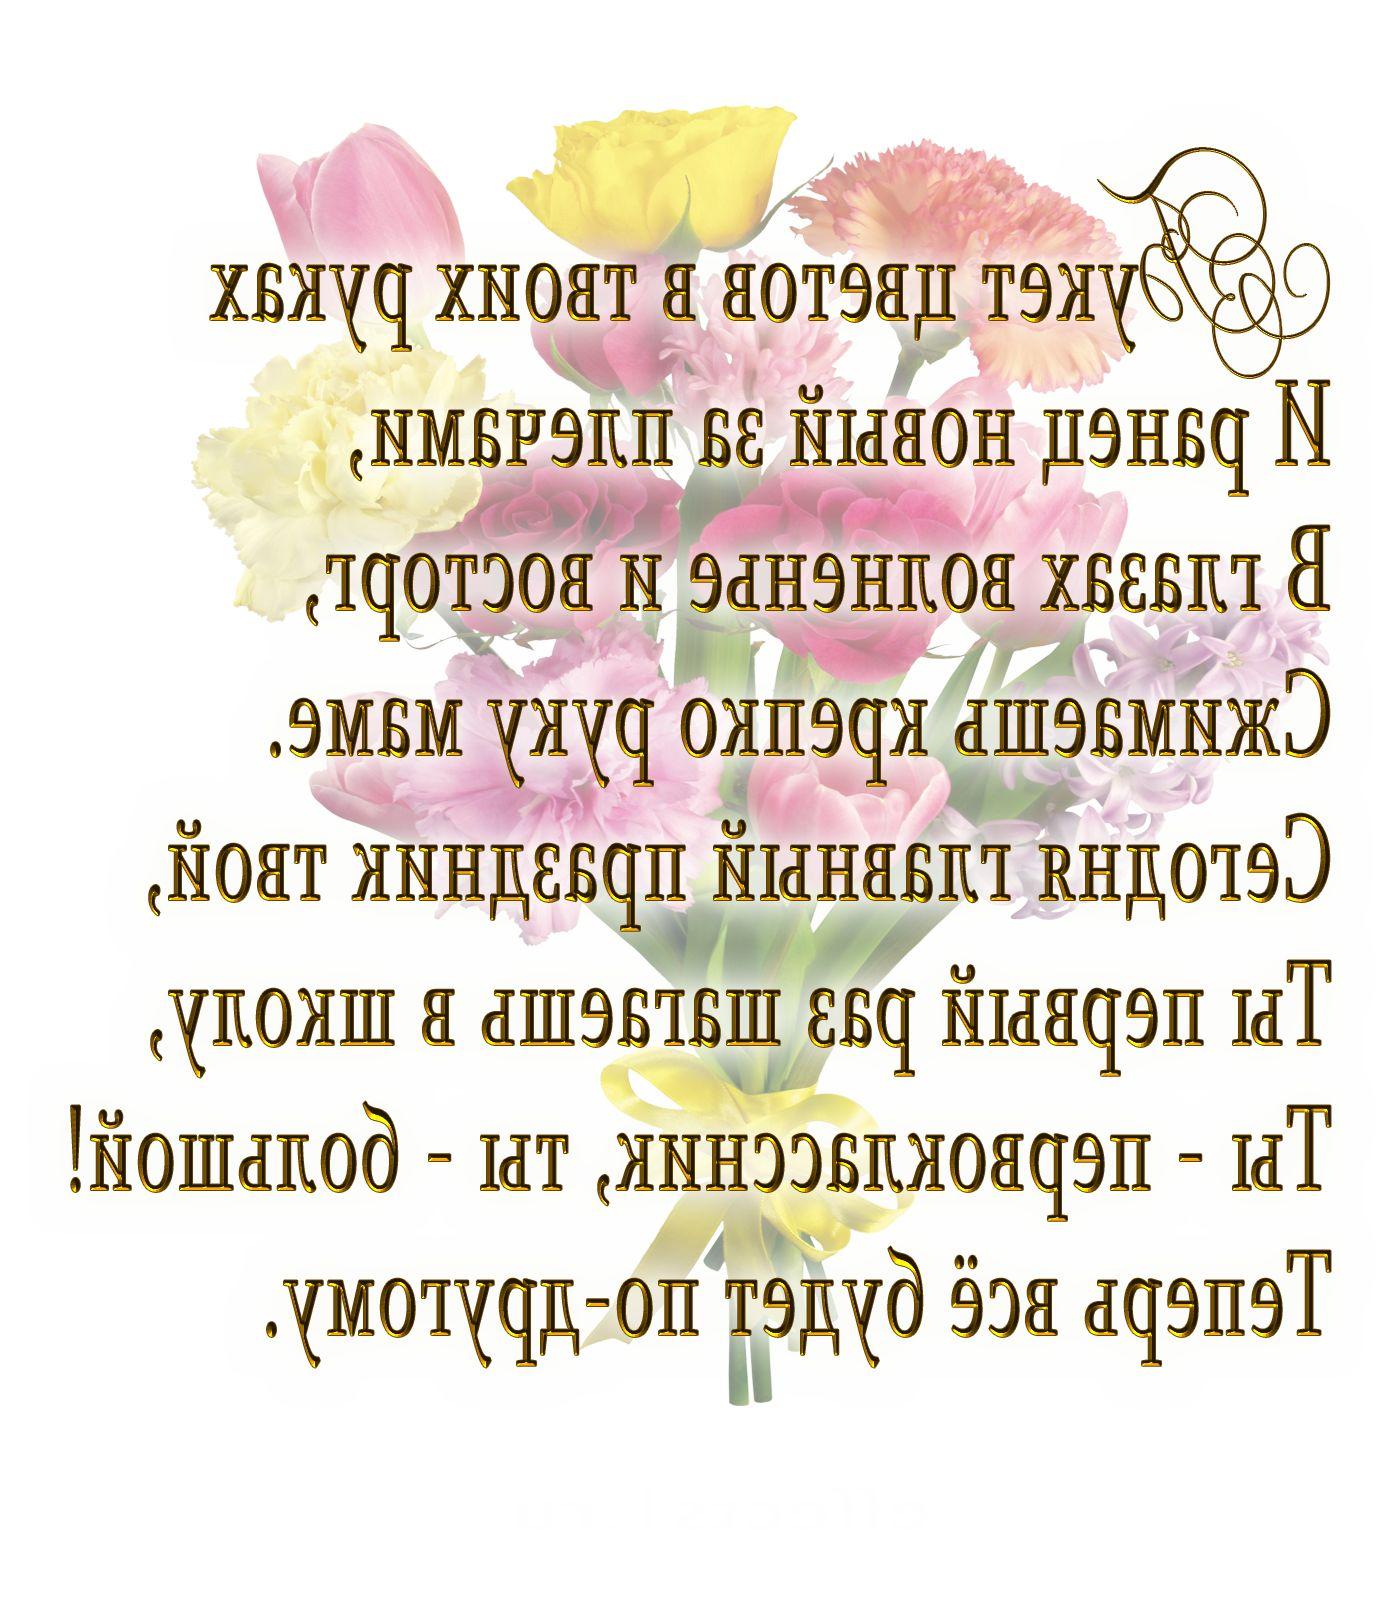 Комплименты мужчине - открытки АНИМАЦИОННЫЕ ОТКРЫТКОЖЕЛАНИЯМИ 89